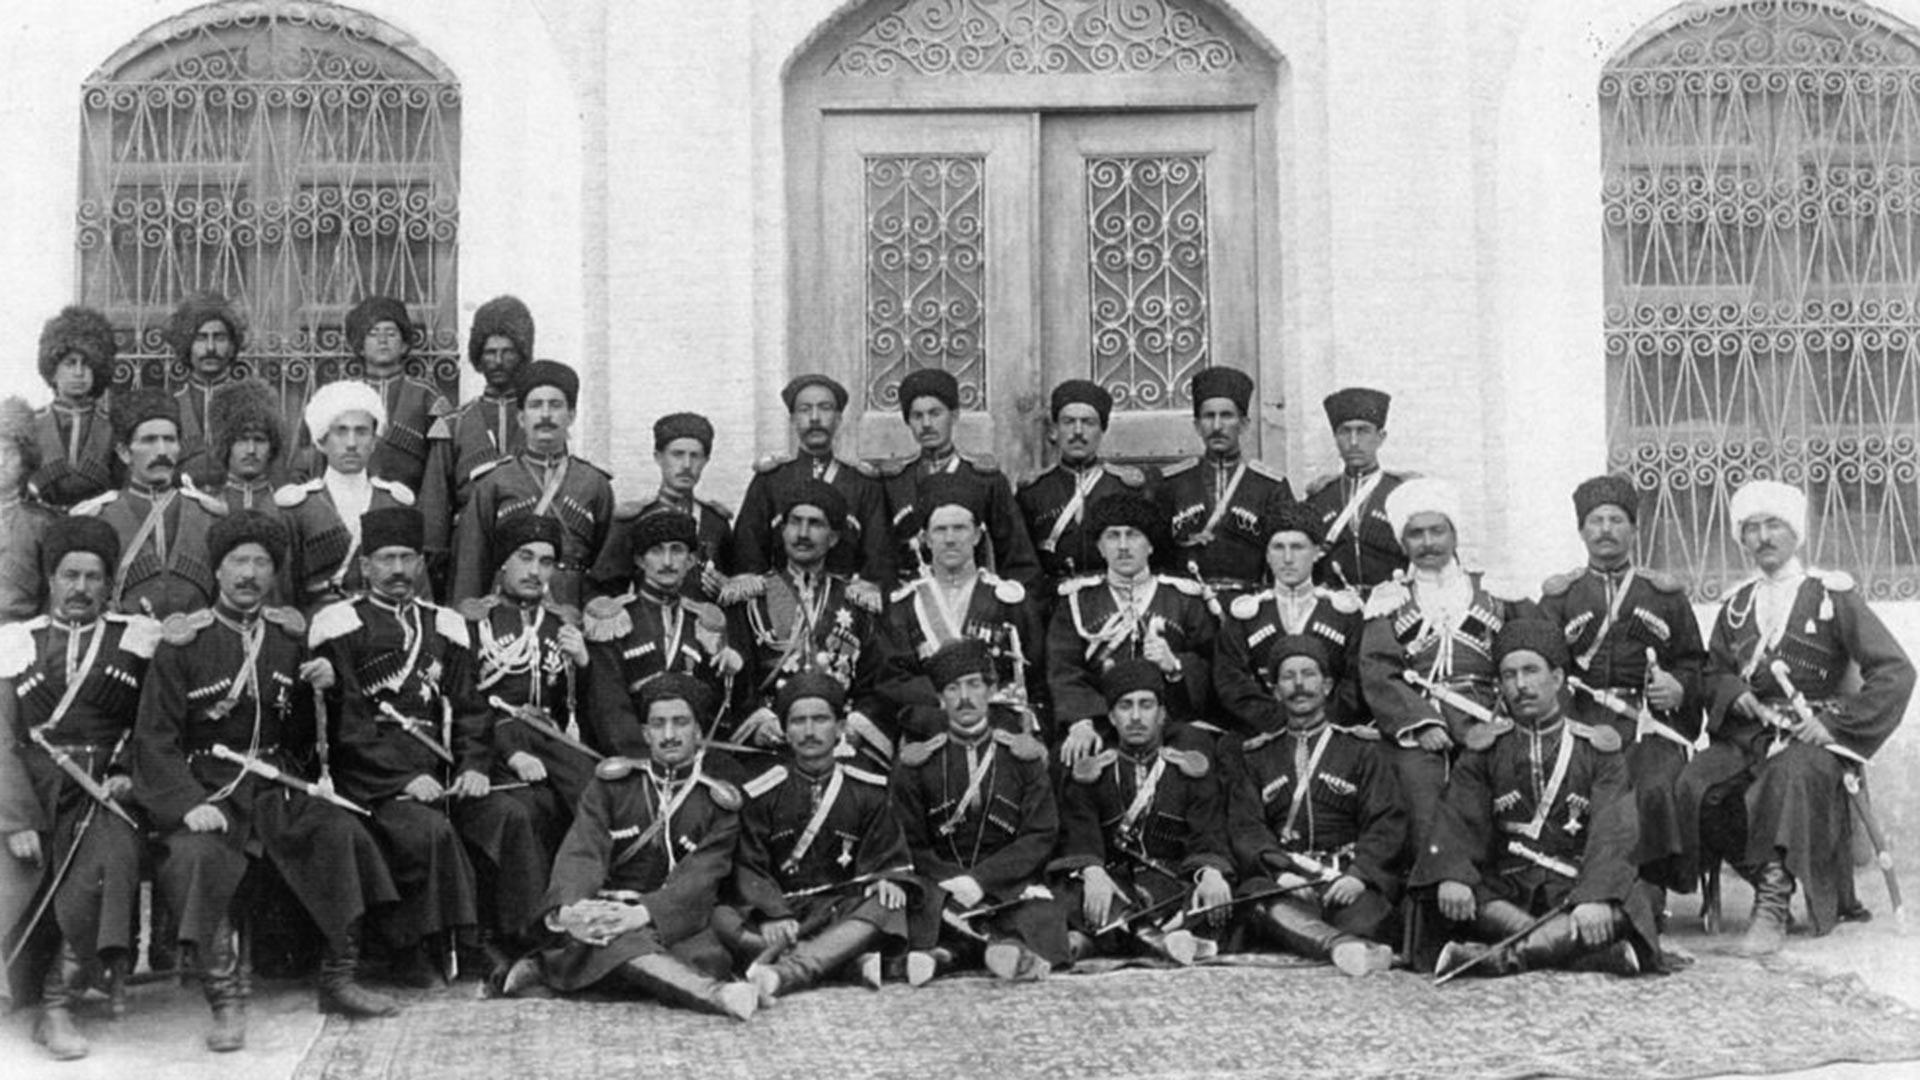 Персијска козачка бригада Његовог величанства шаха.